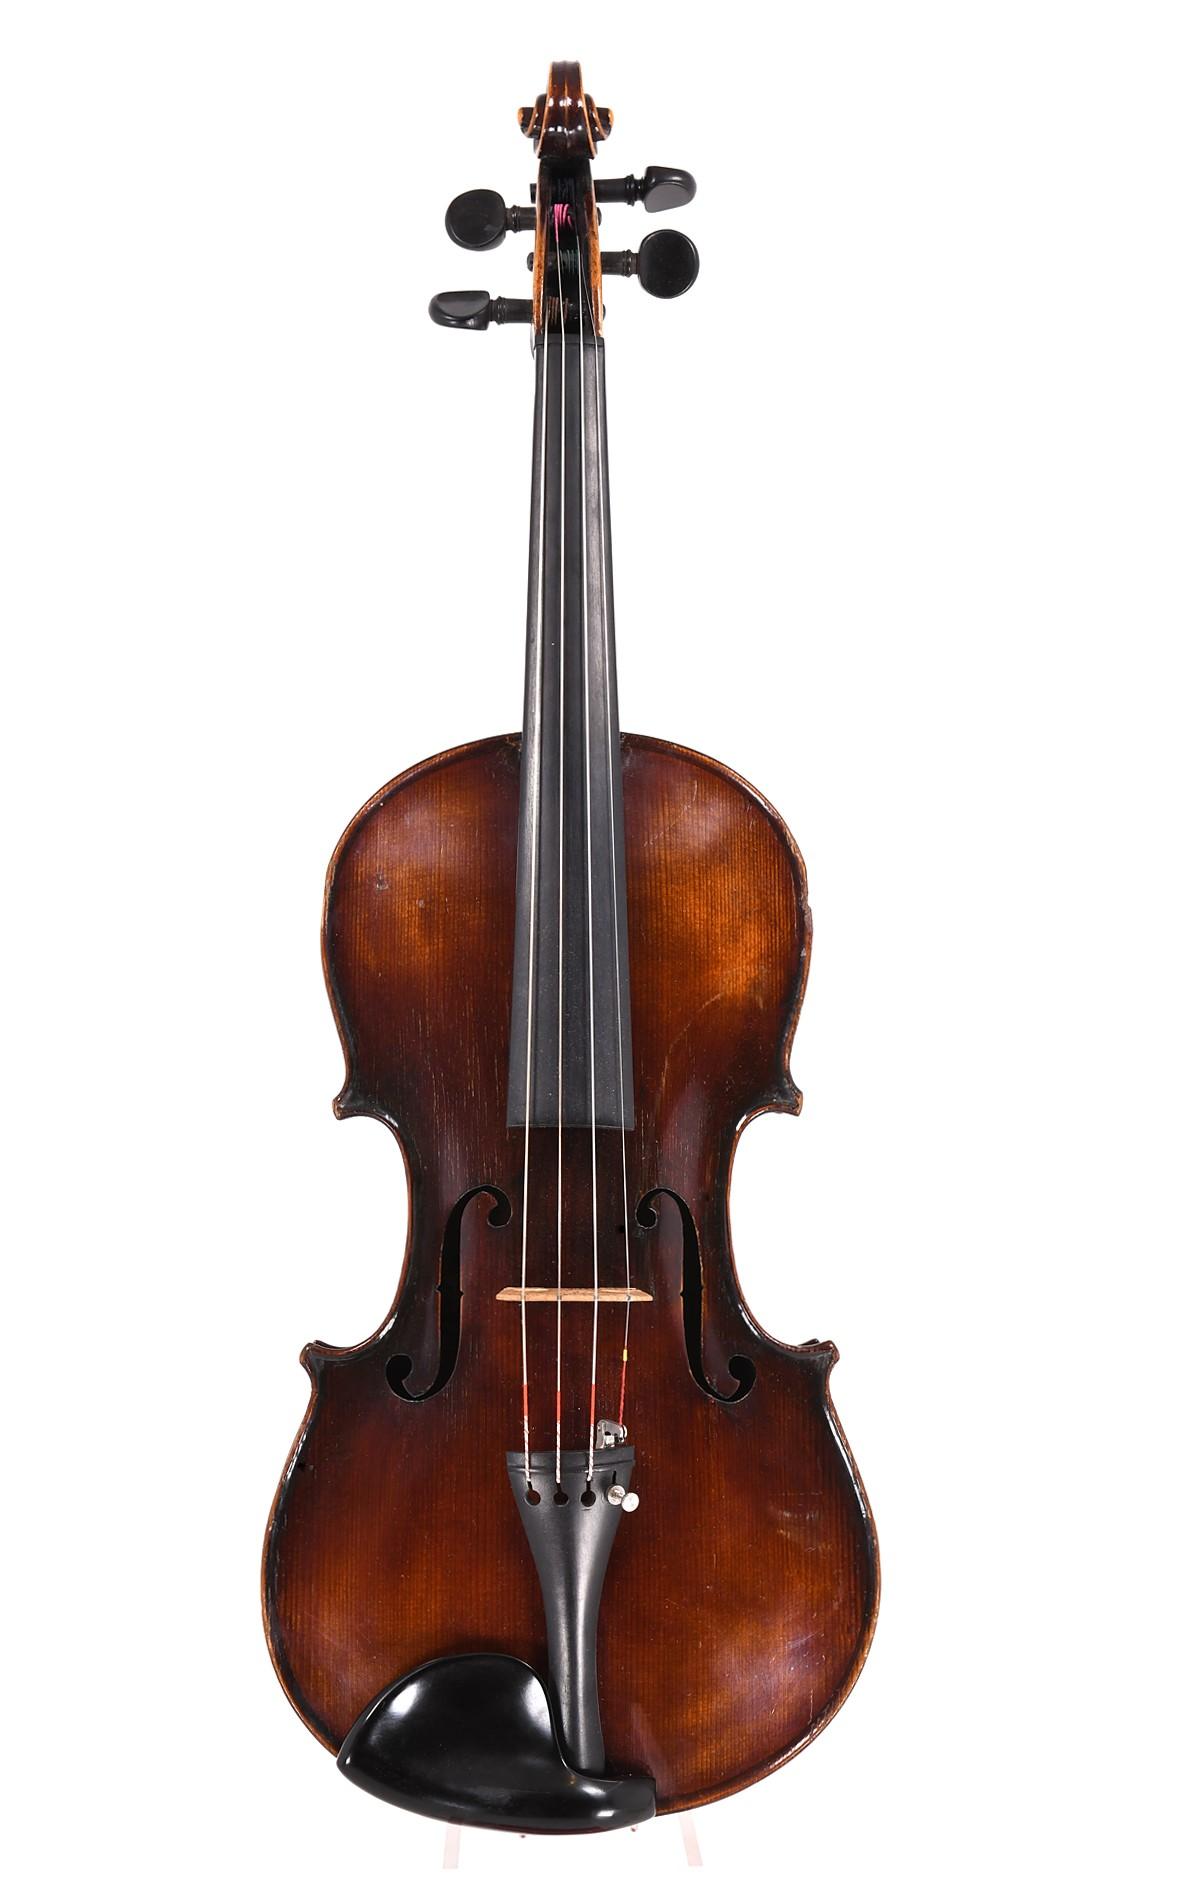 Antique Schuster & Co. Markneukirchen violin